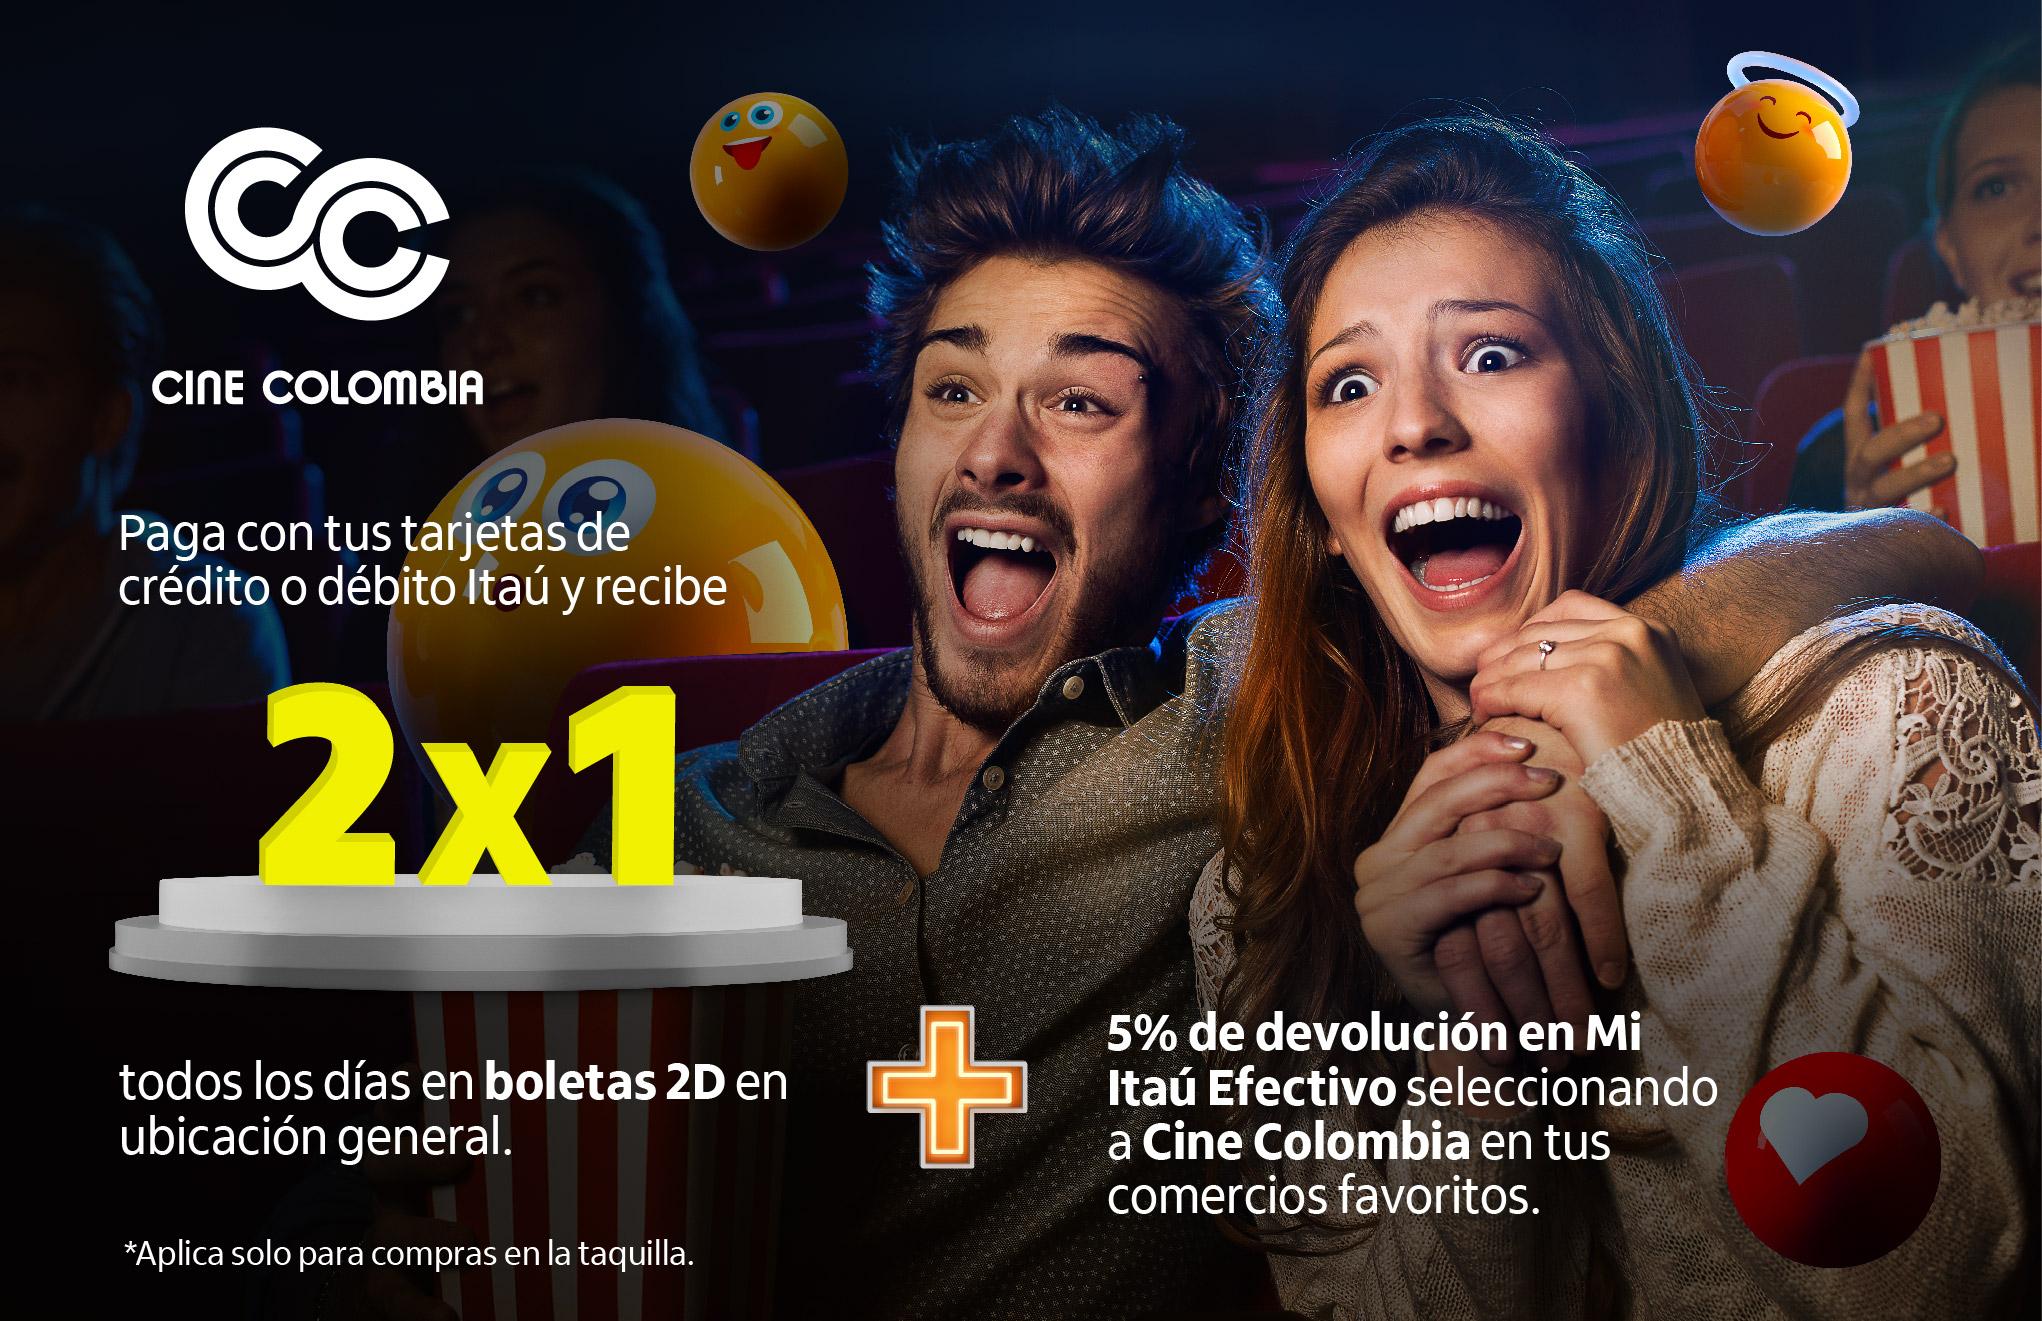 Aliado del mes Cine Colombia